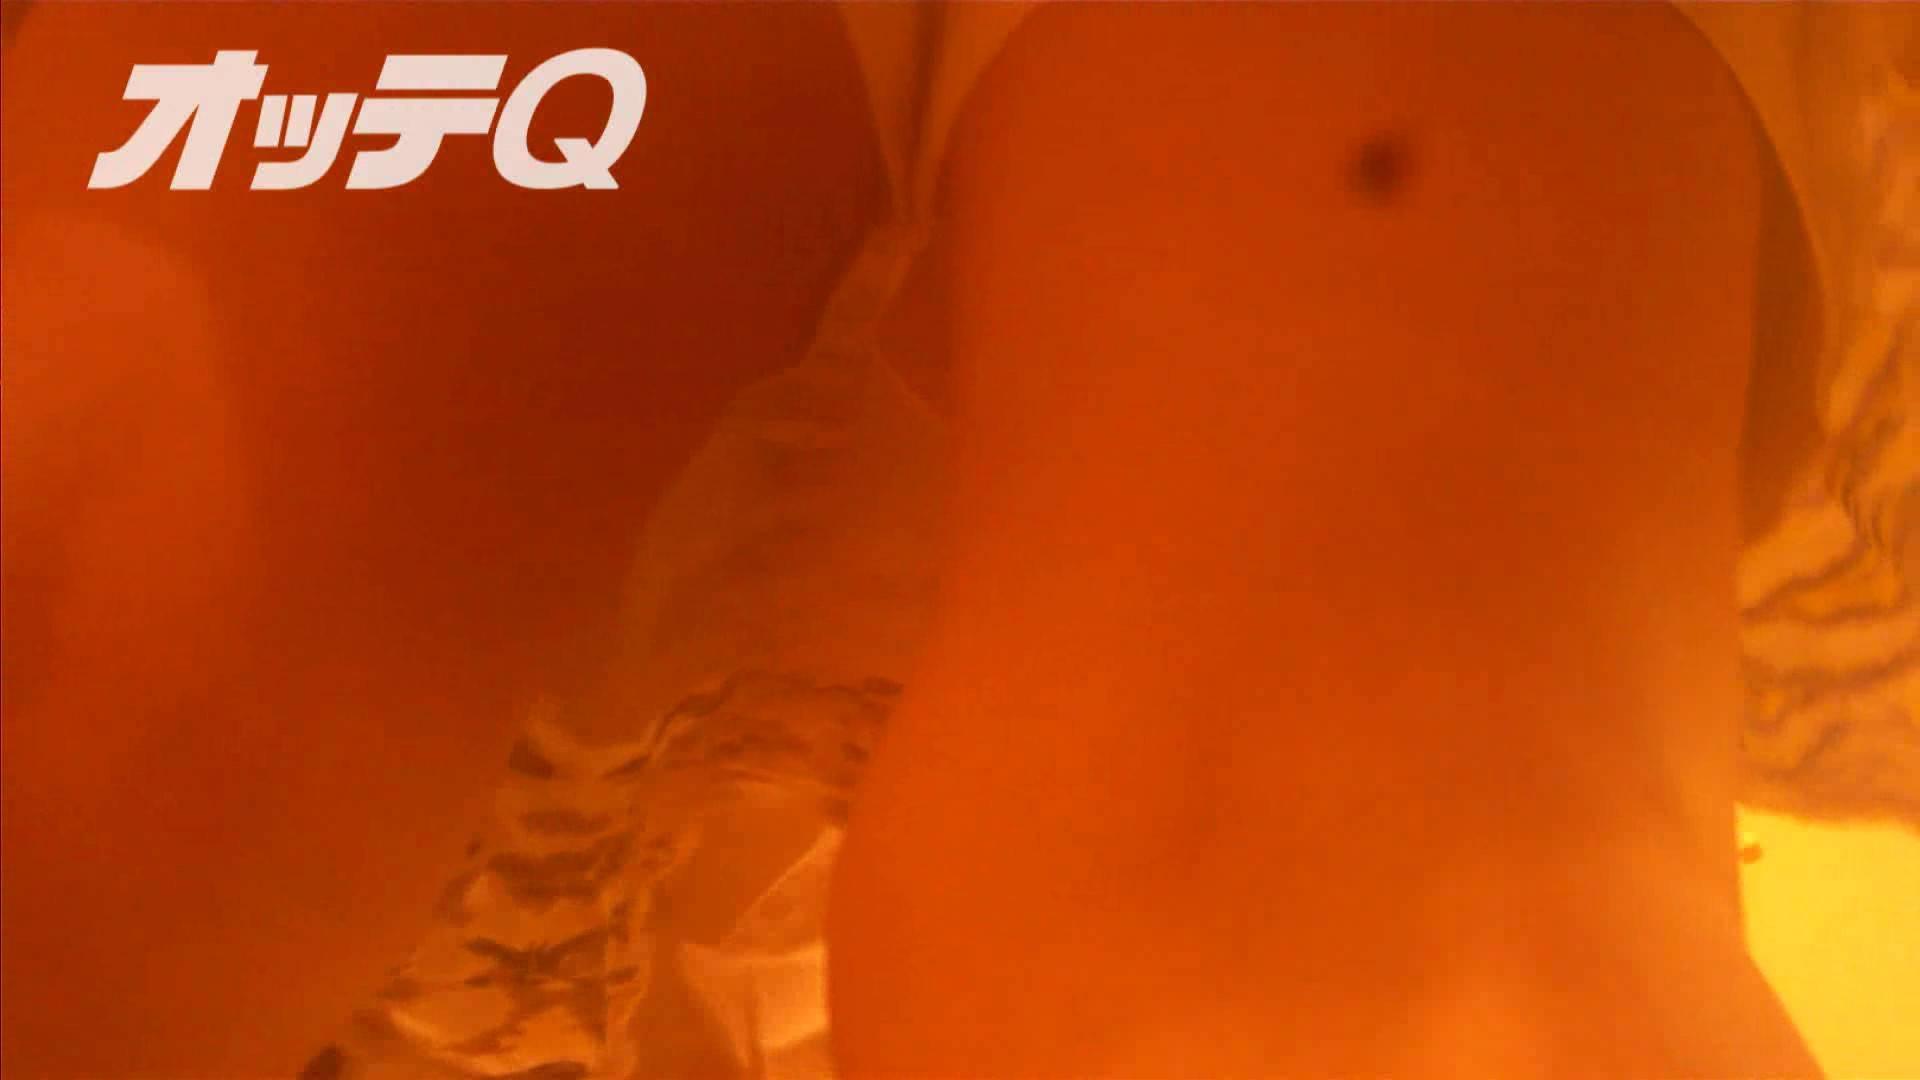 ハイビジョンパンチラ オッテQさんの追跡パンチラデパート編VOL.03 ギャル われめAV動画紹介 74PIX 2